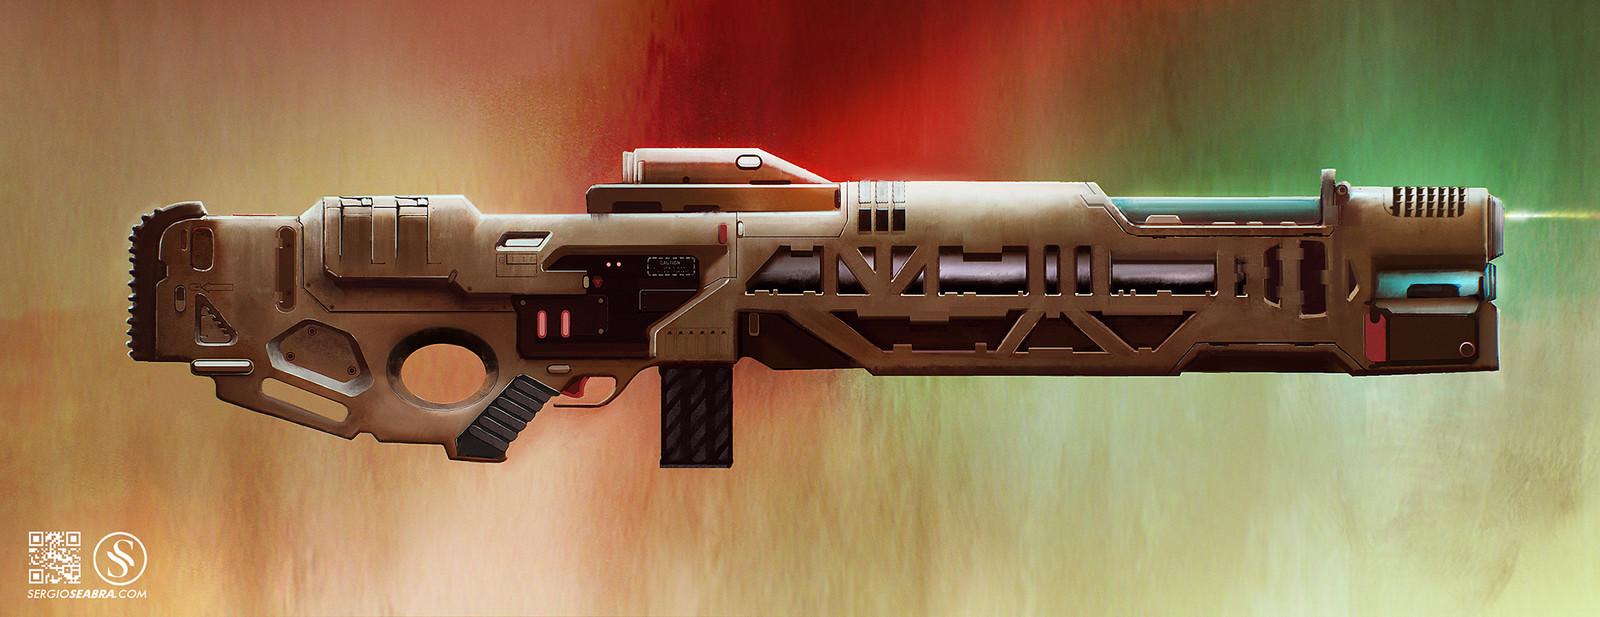 Sci-Fi Rifle